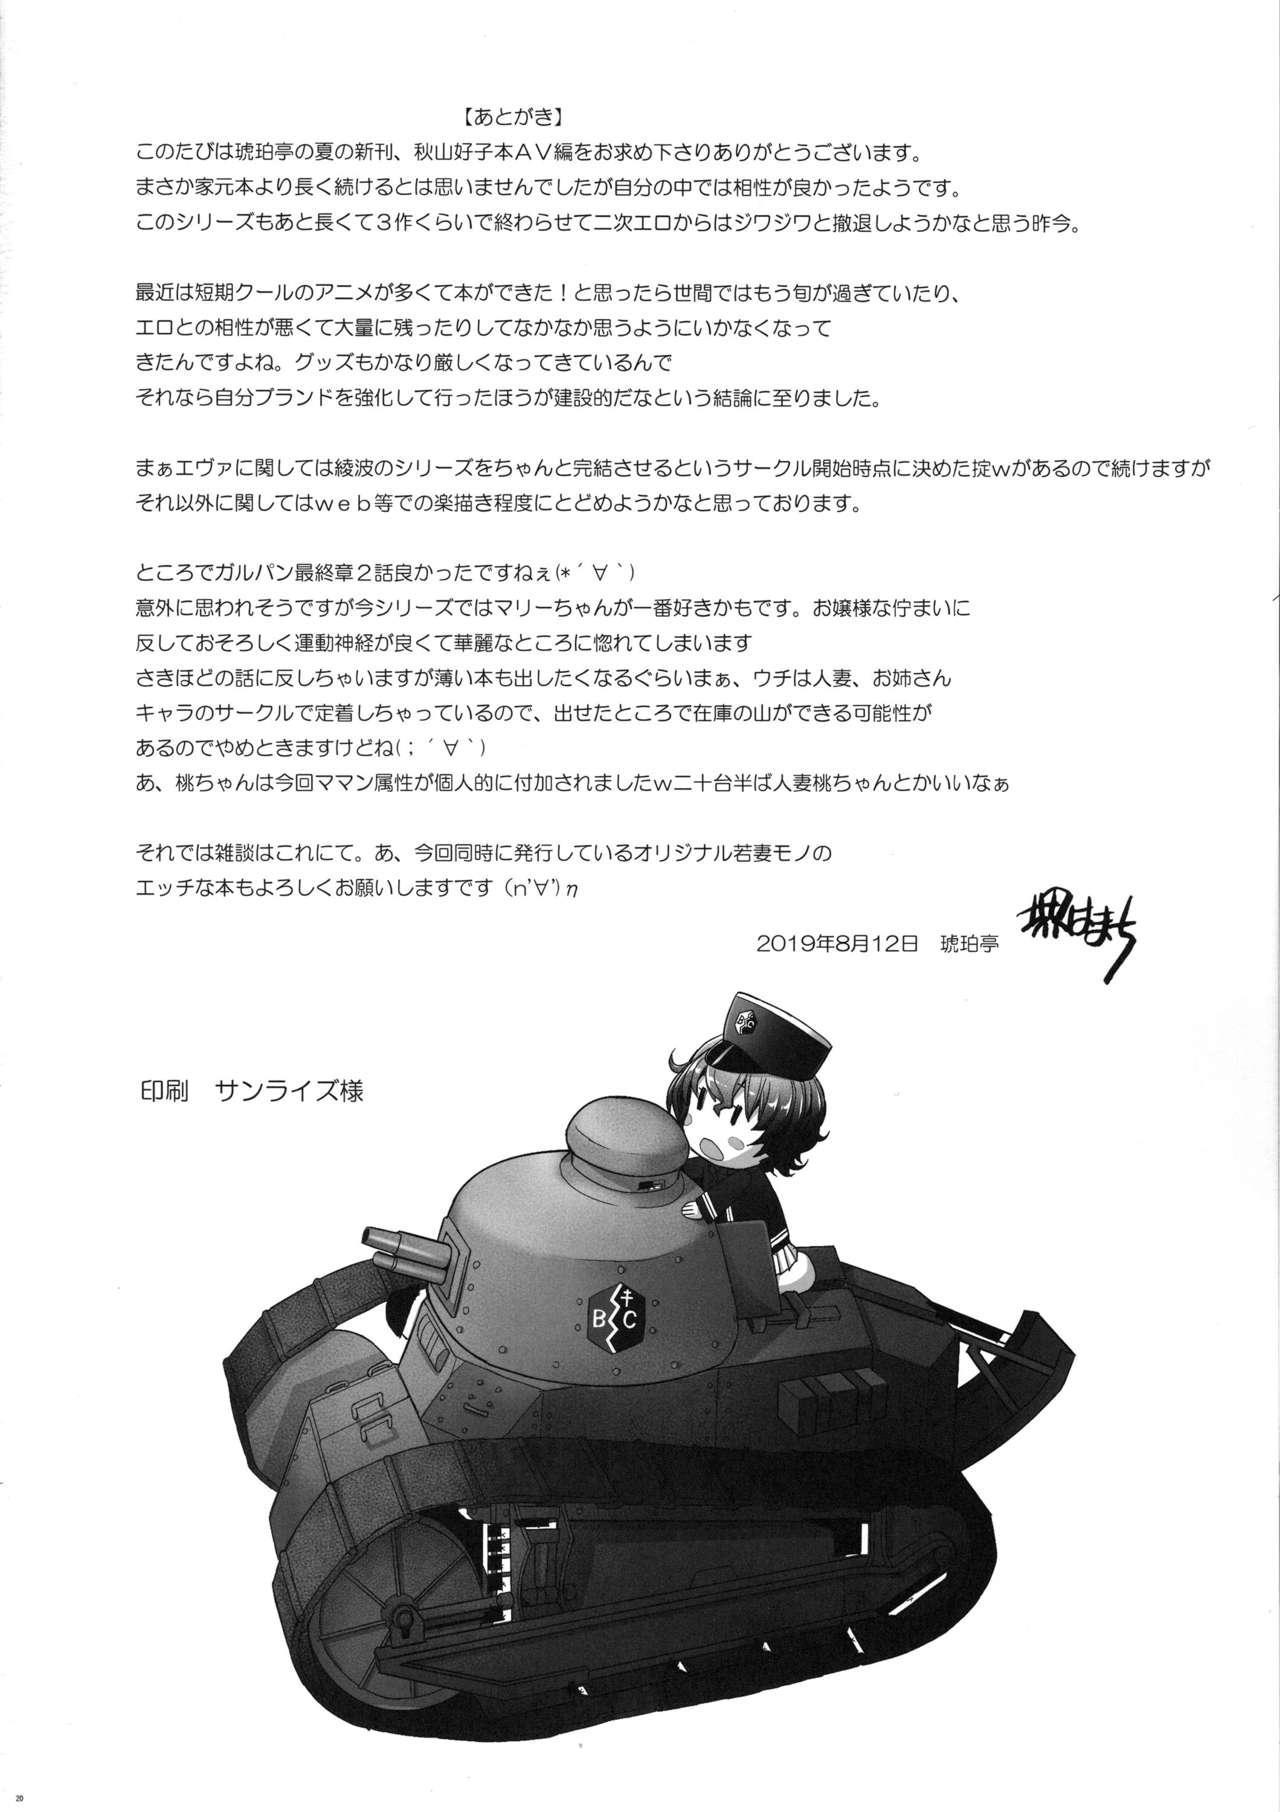 Ochinpo no Yuuwaku ni Katezu ni Futatabi AV ni Torareta Shimau Bijin Hitozuma 19